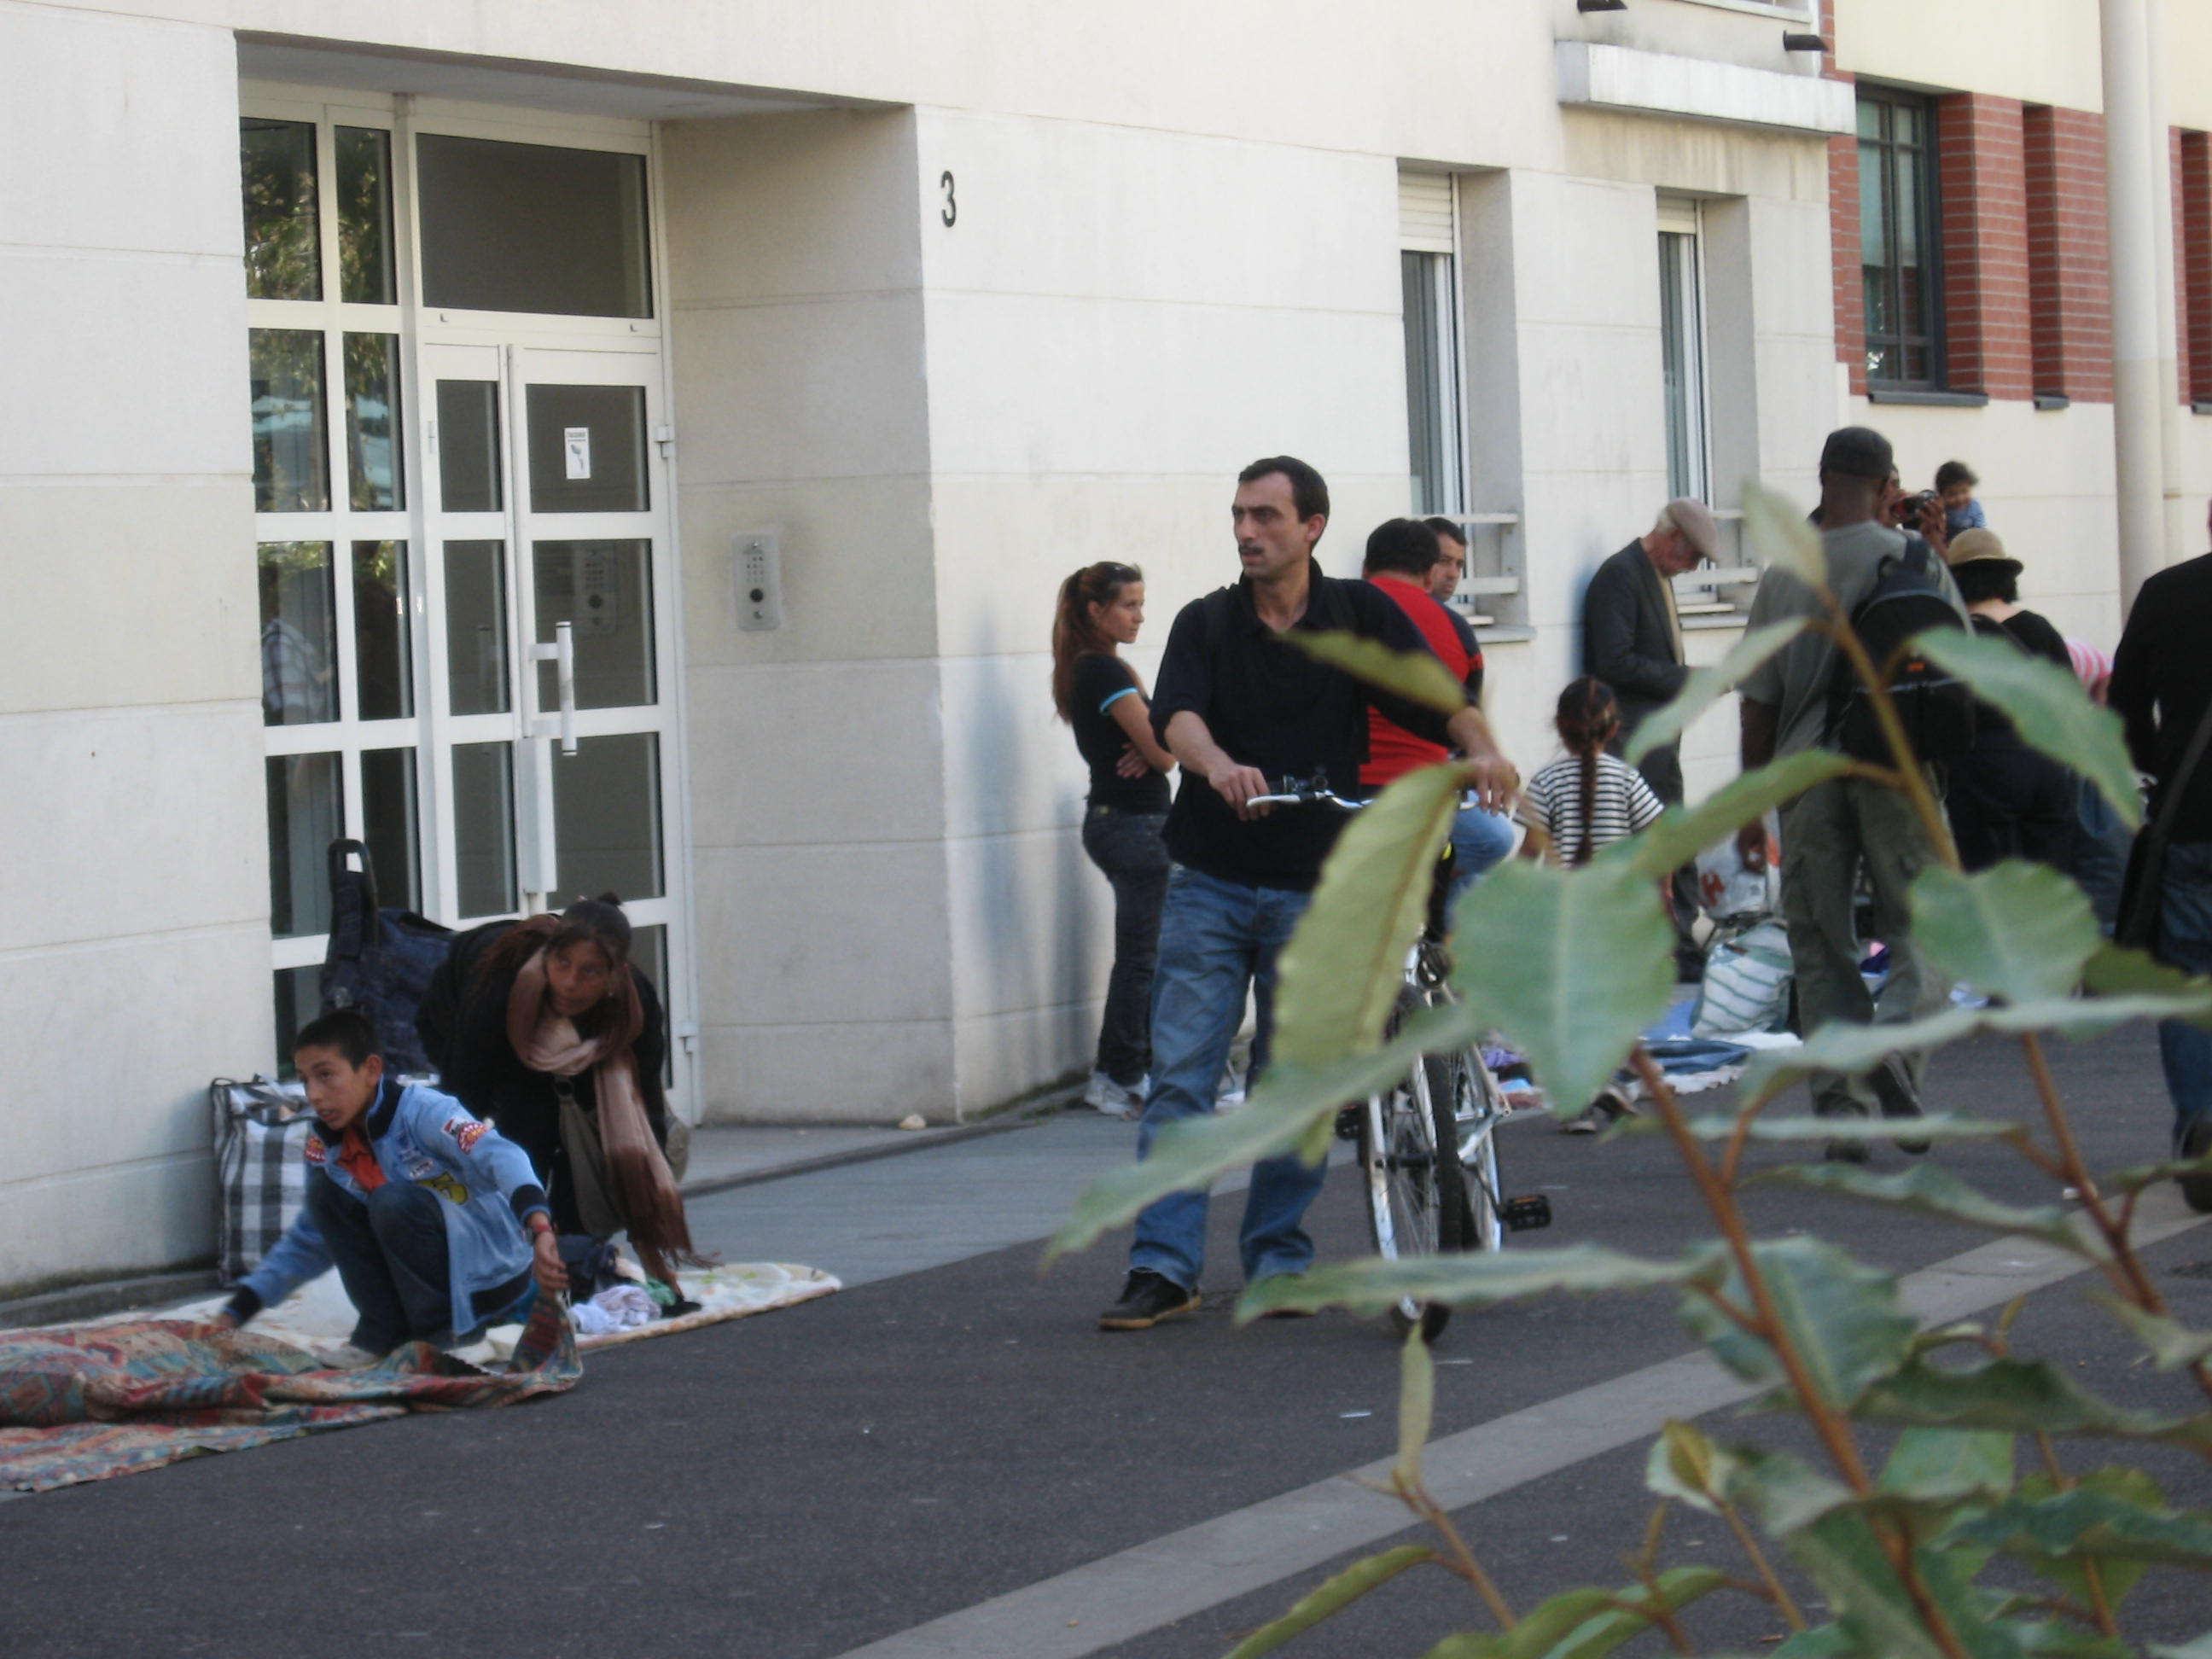 vendeurs à la sauvette devant une porte d'entrée d'immeuble